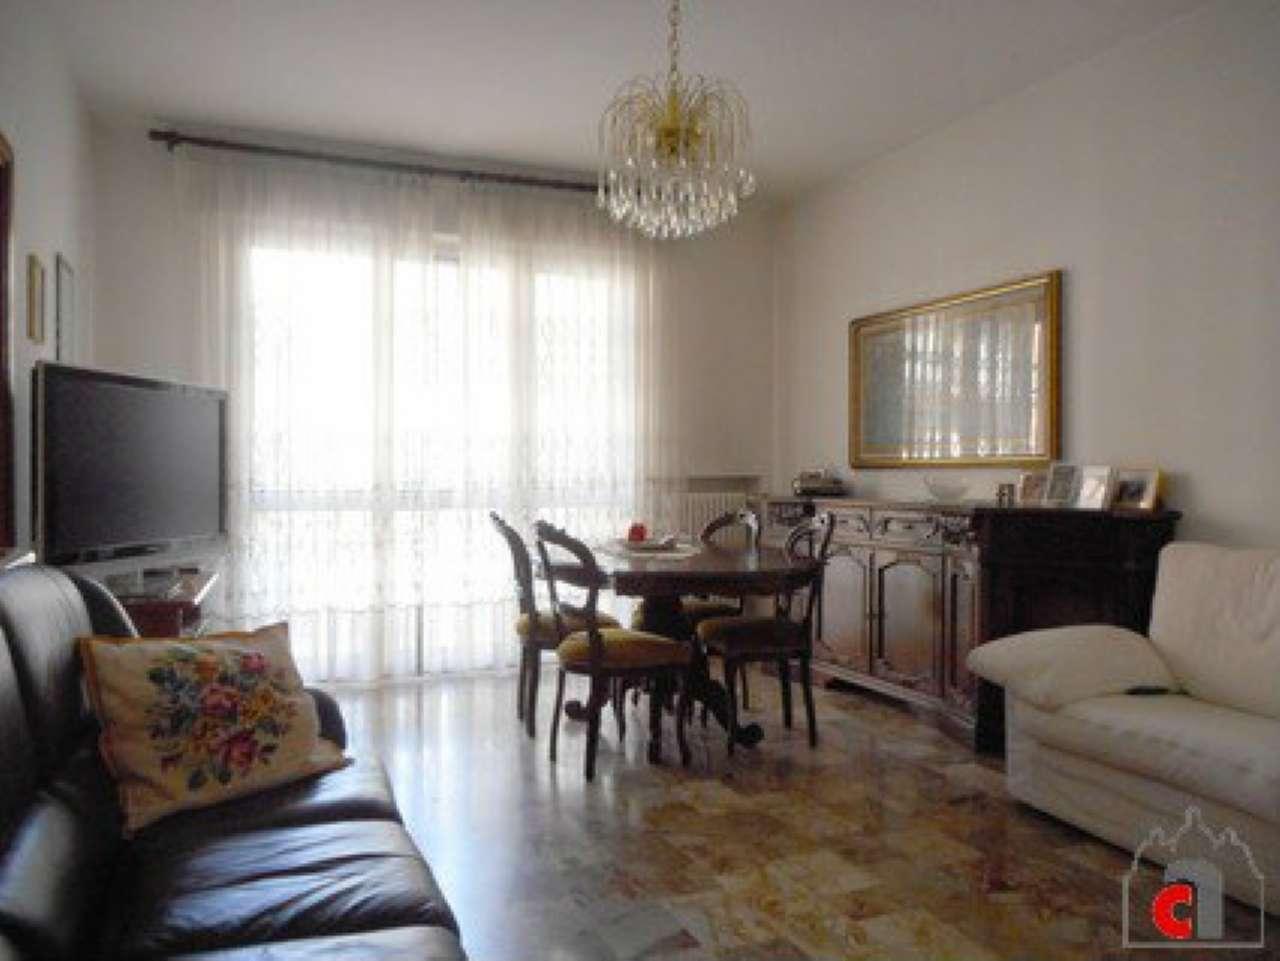 Appartamento in vendita a Padova, 5 locali, zona Zona: 5 . Sud-Ovest (Armistizio-Savonarola), prezzo € 165.000 | Cambio Casa.it